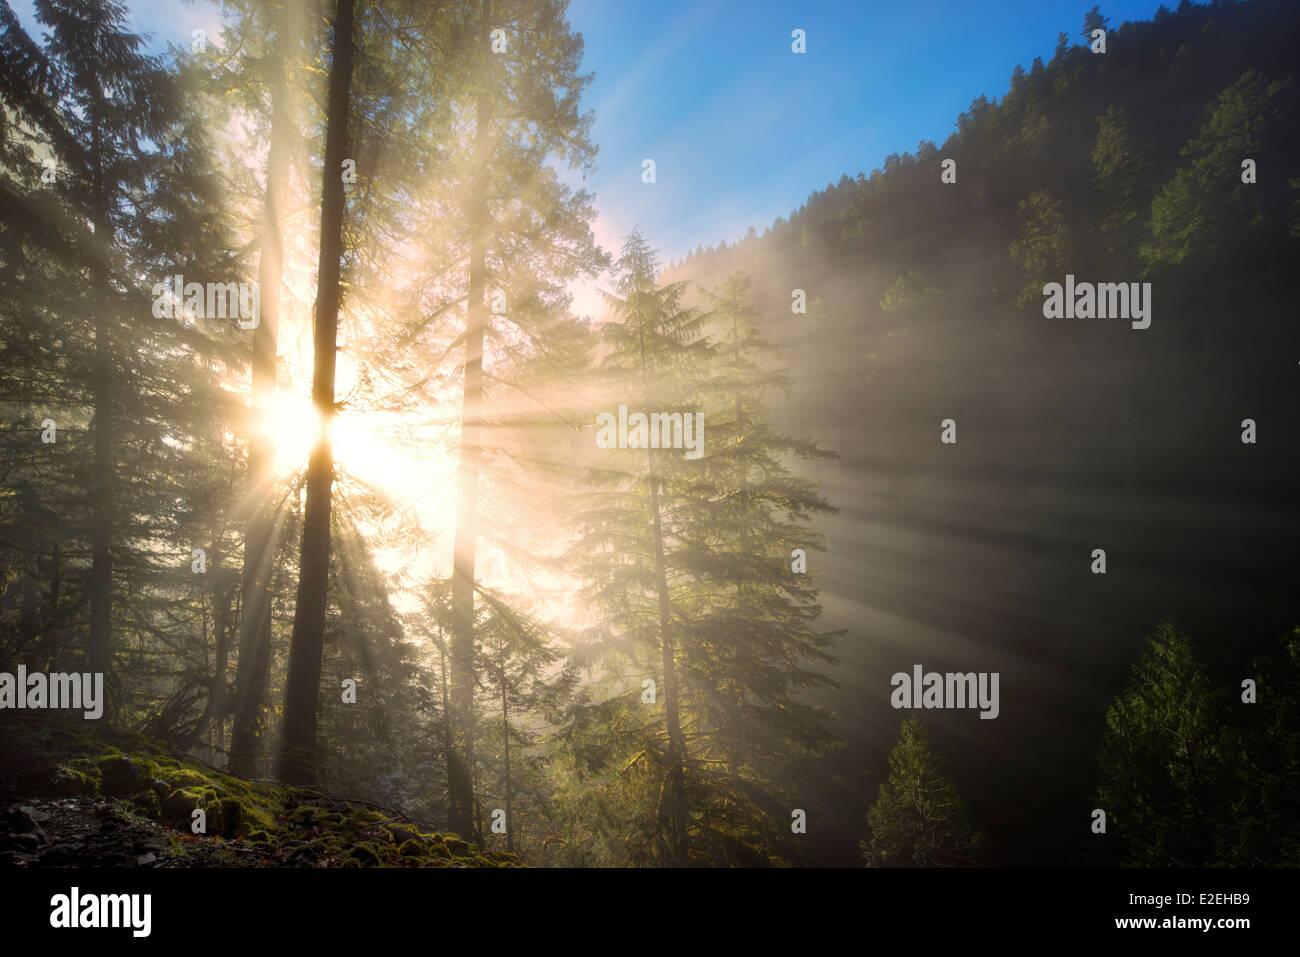 Los rayos del sol a través de la niebla. Eagle Creek, Oregon Imagen De Stock